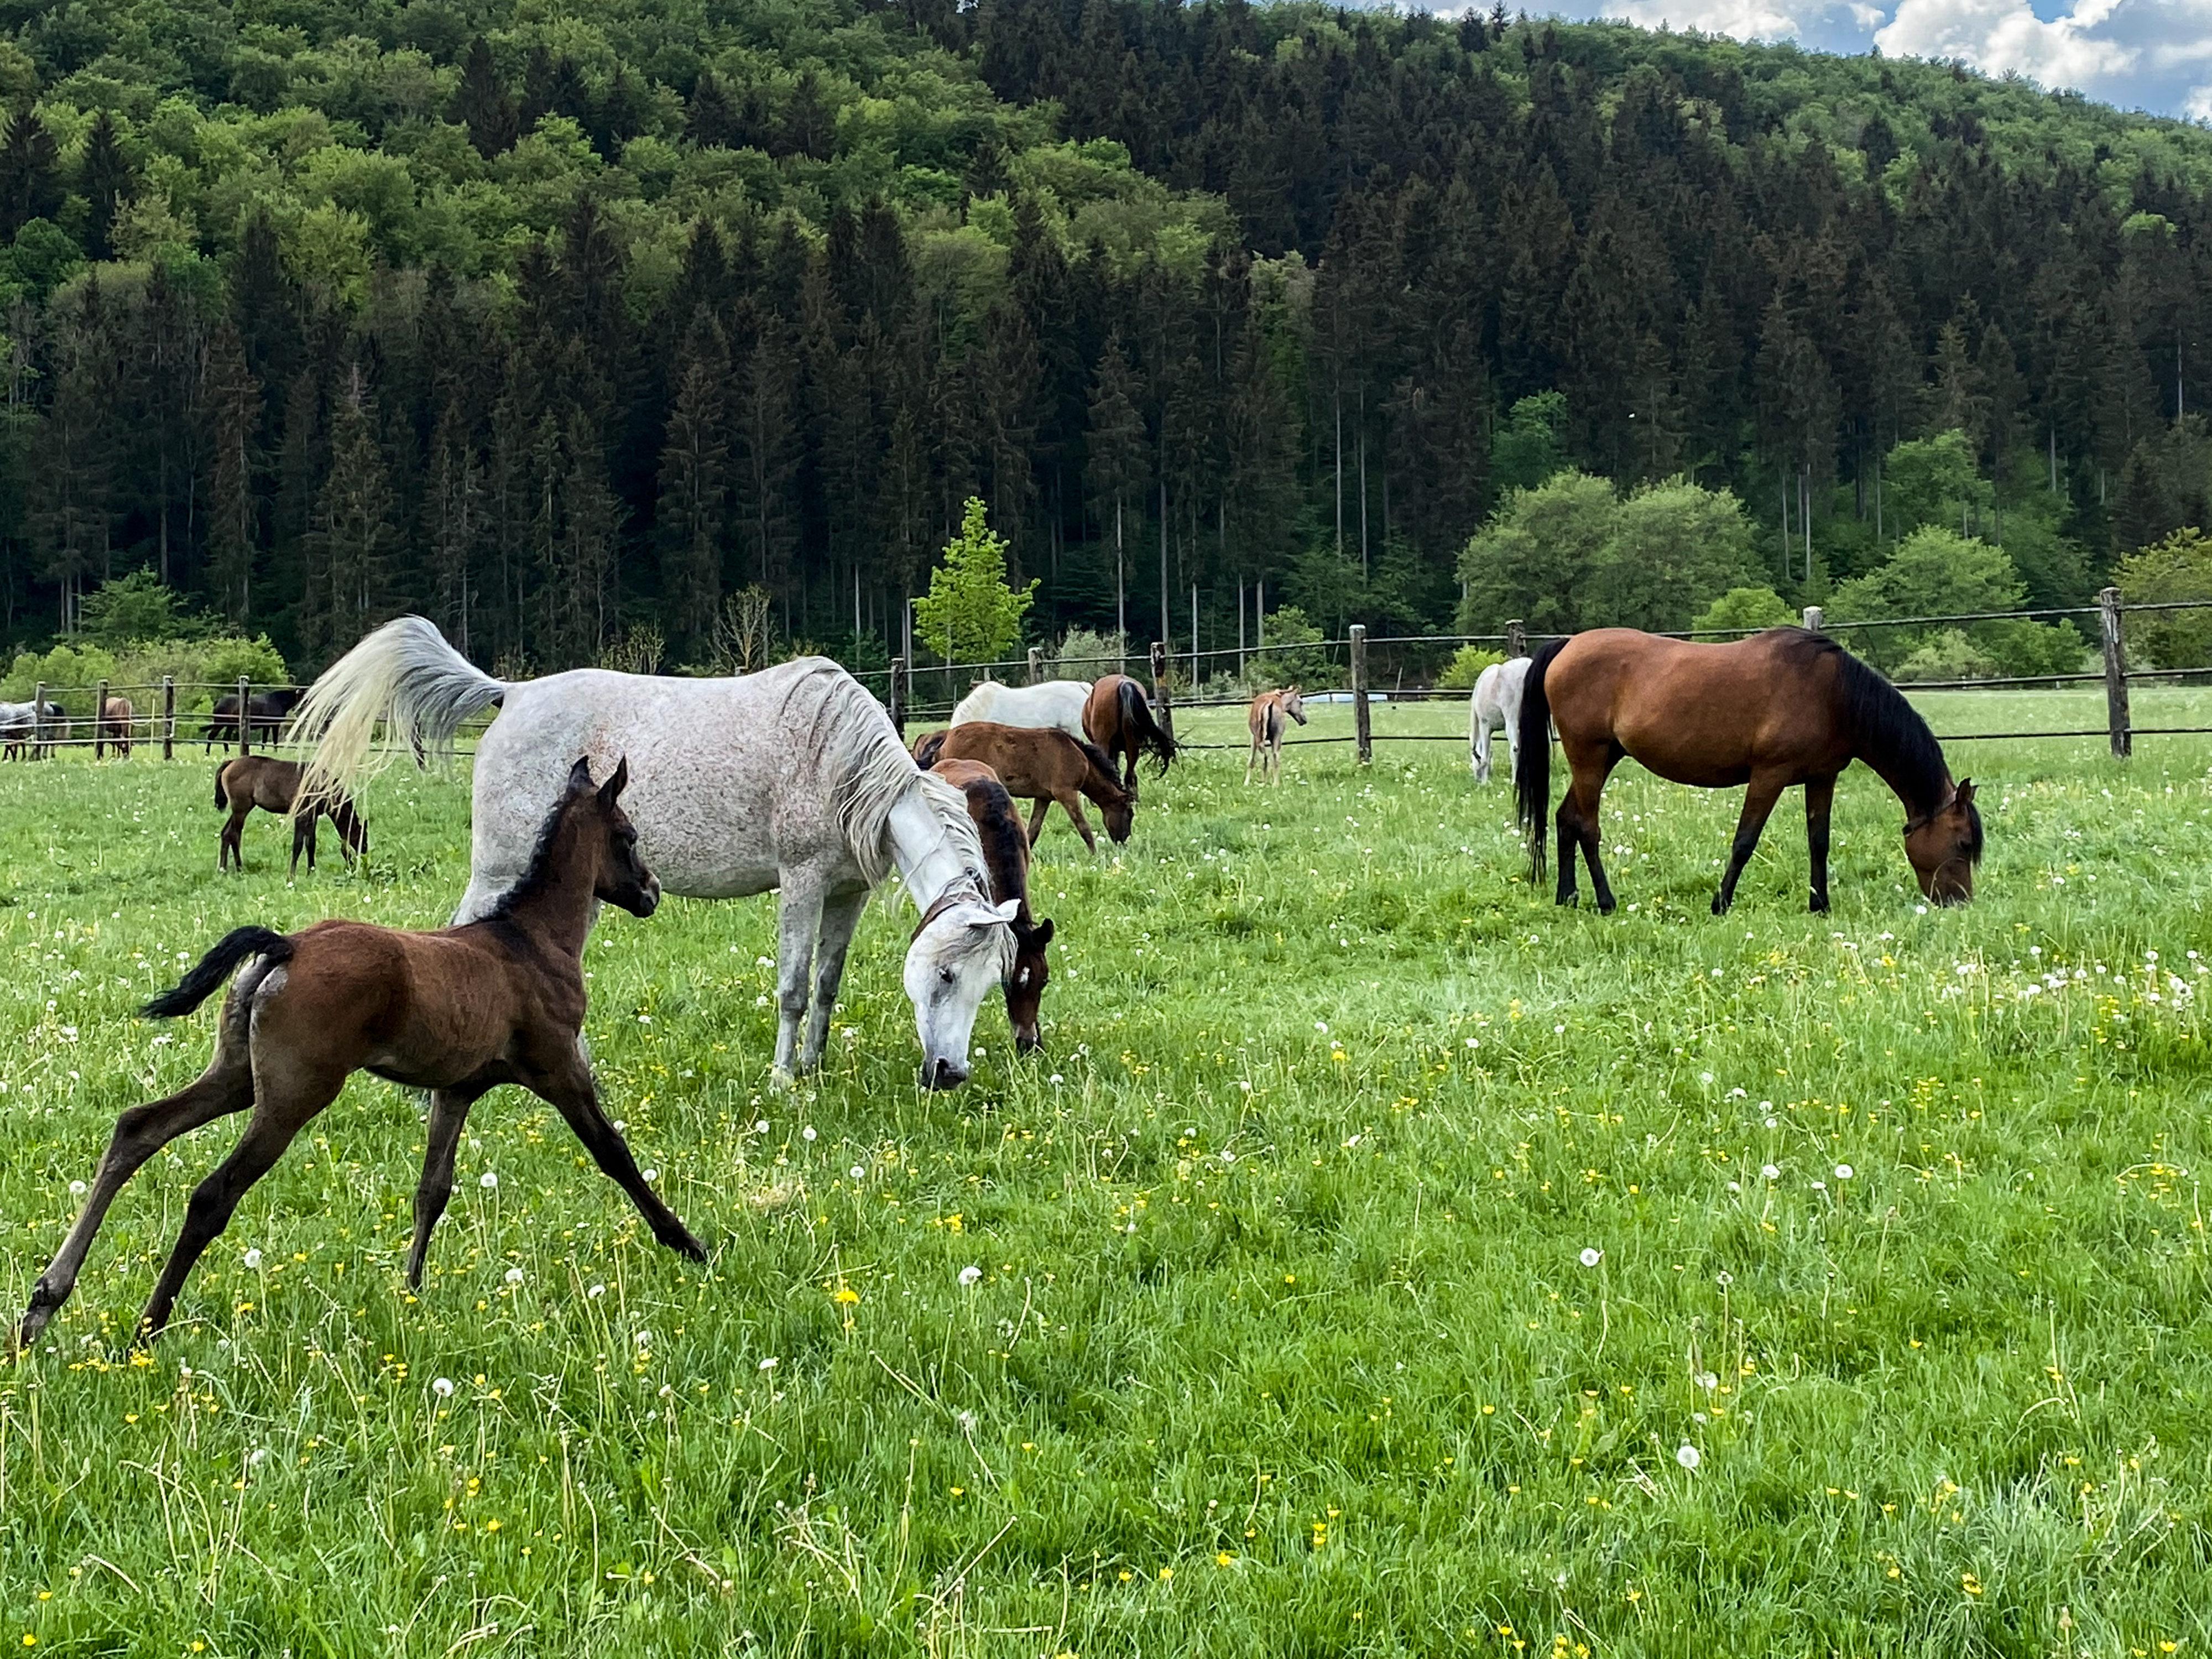 Weil-Marbacher Araberzucht – Weideszenen im Pferdeparadies Mai 2020